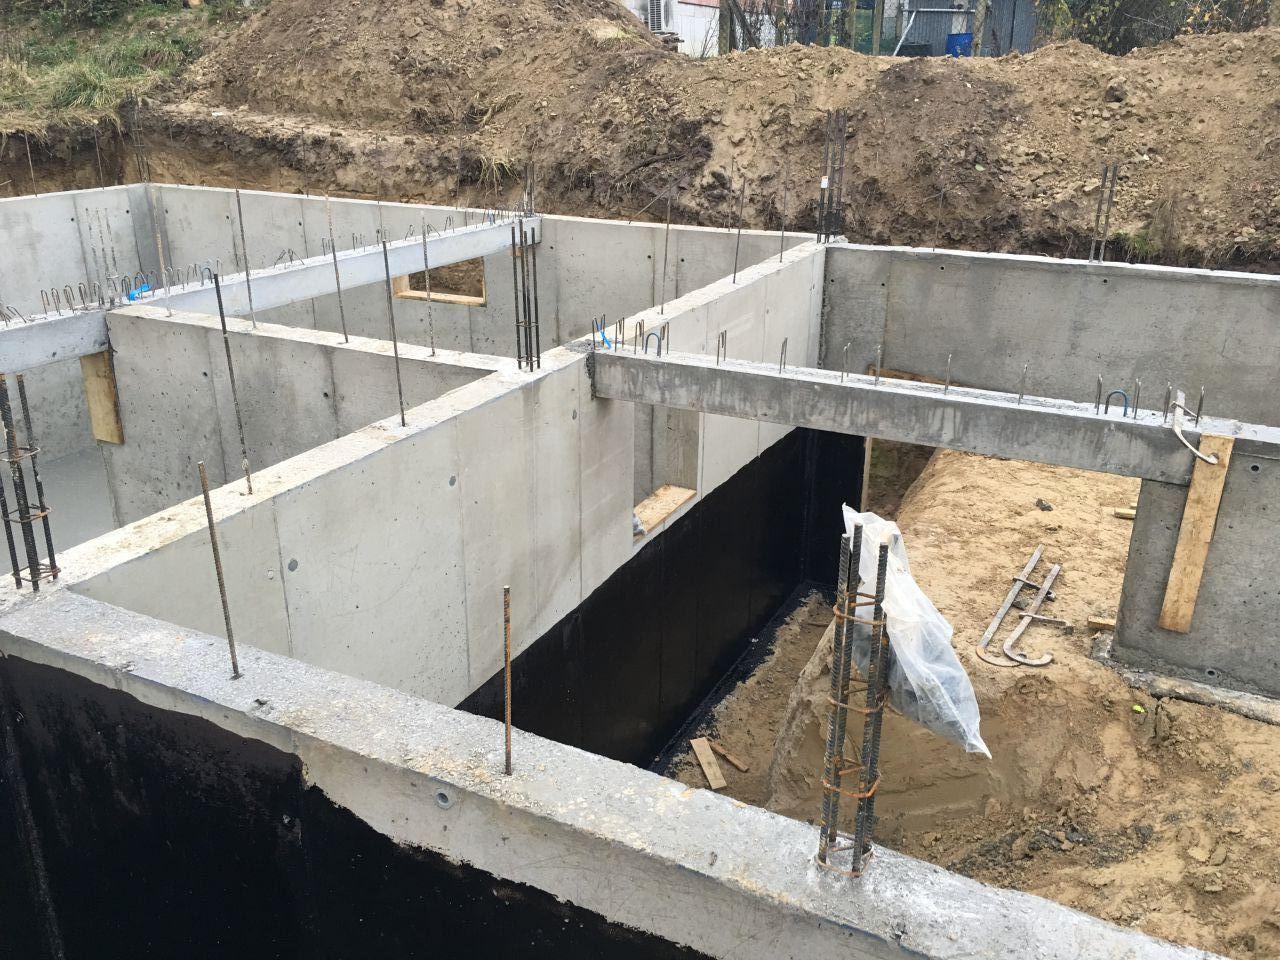 Décoffrage des murs du vide-sanitaire et mise en place des sous-poutres. <br /> Enduit bitumeux fini